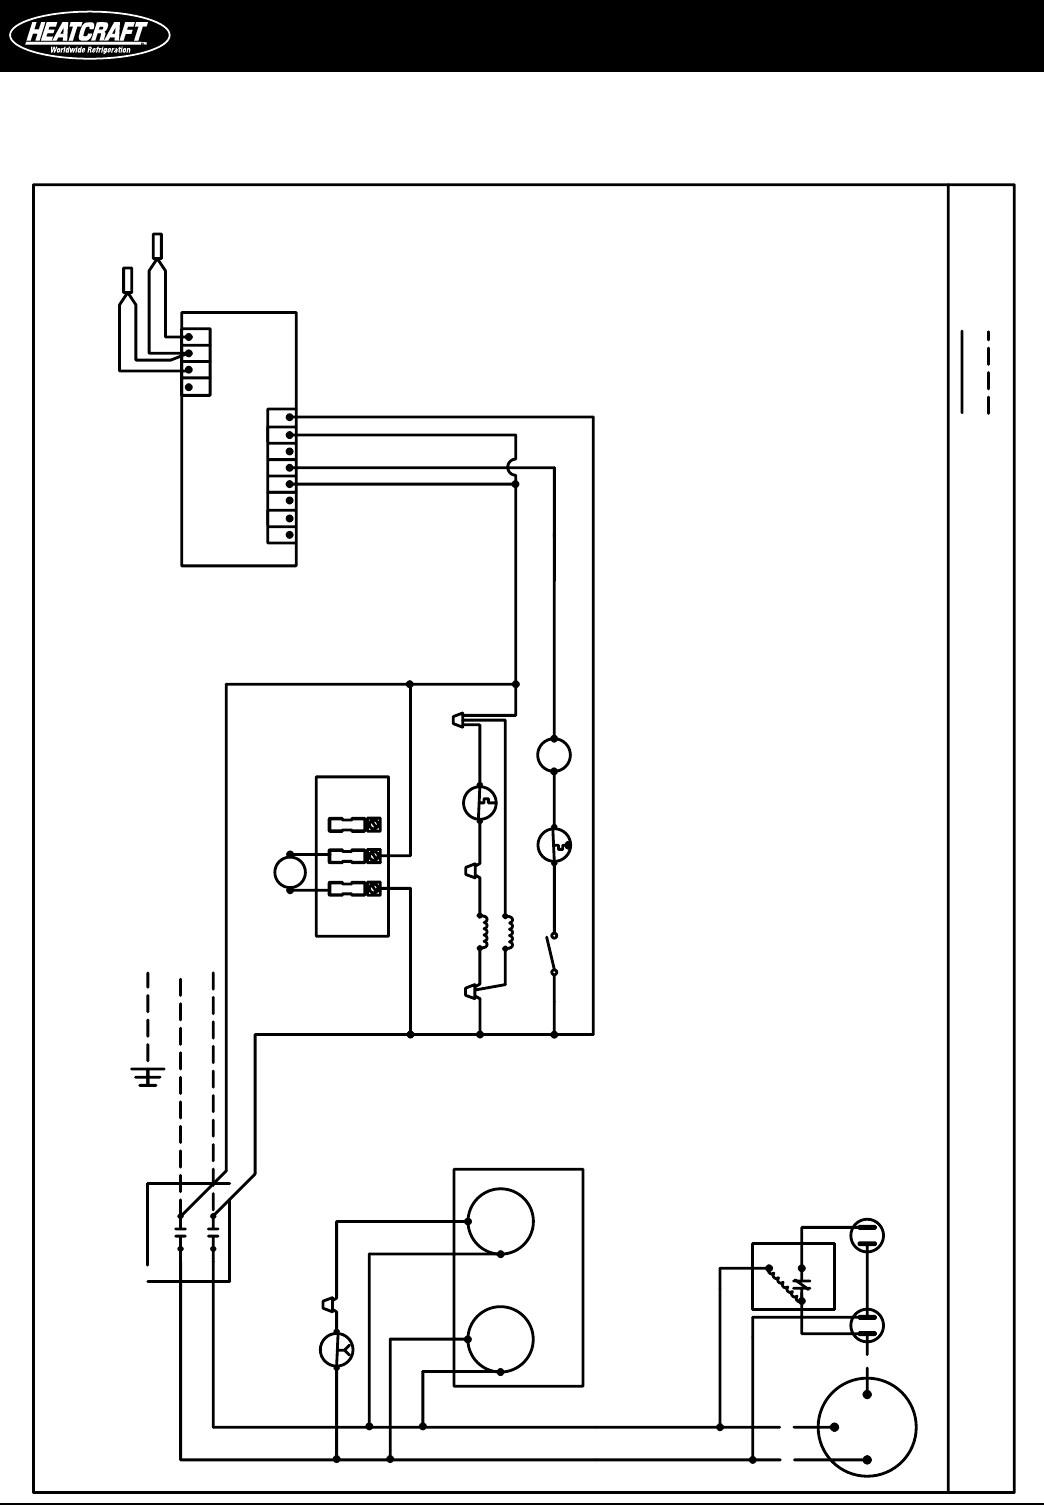 Bohn Freezer Evaporator Wiring Diagram